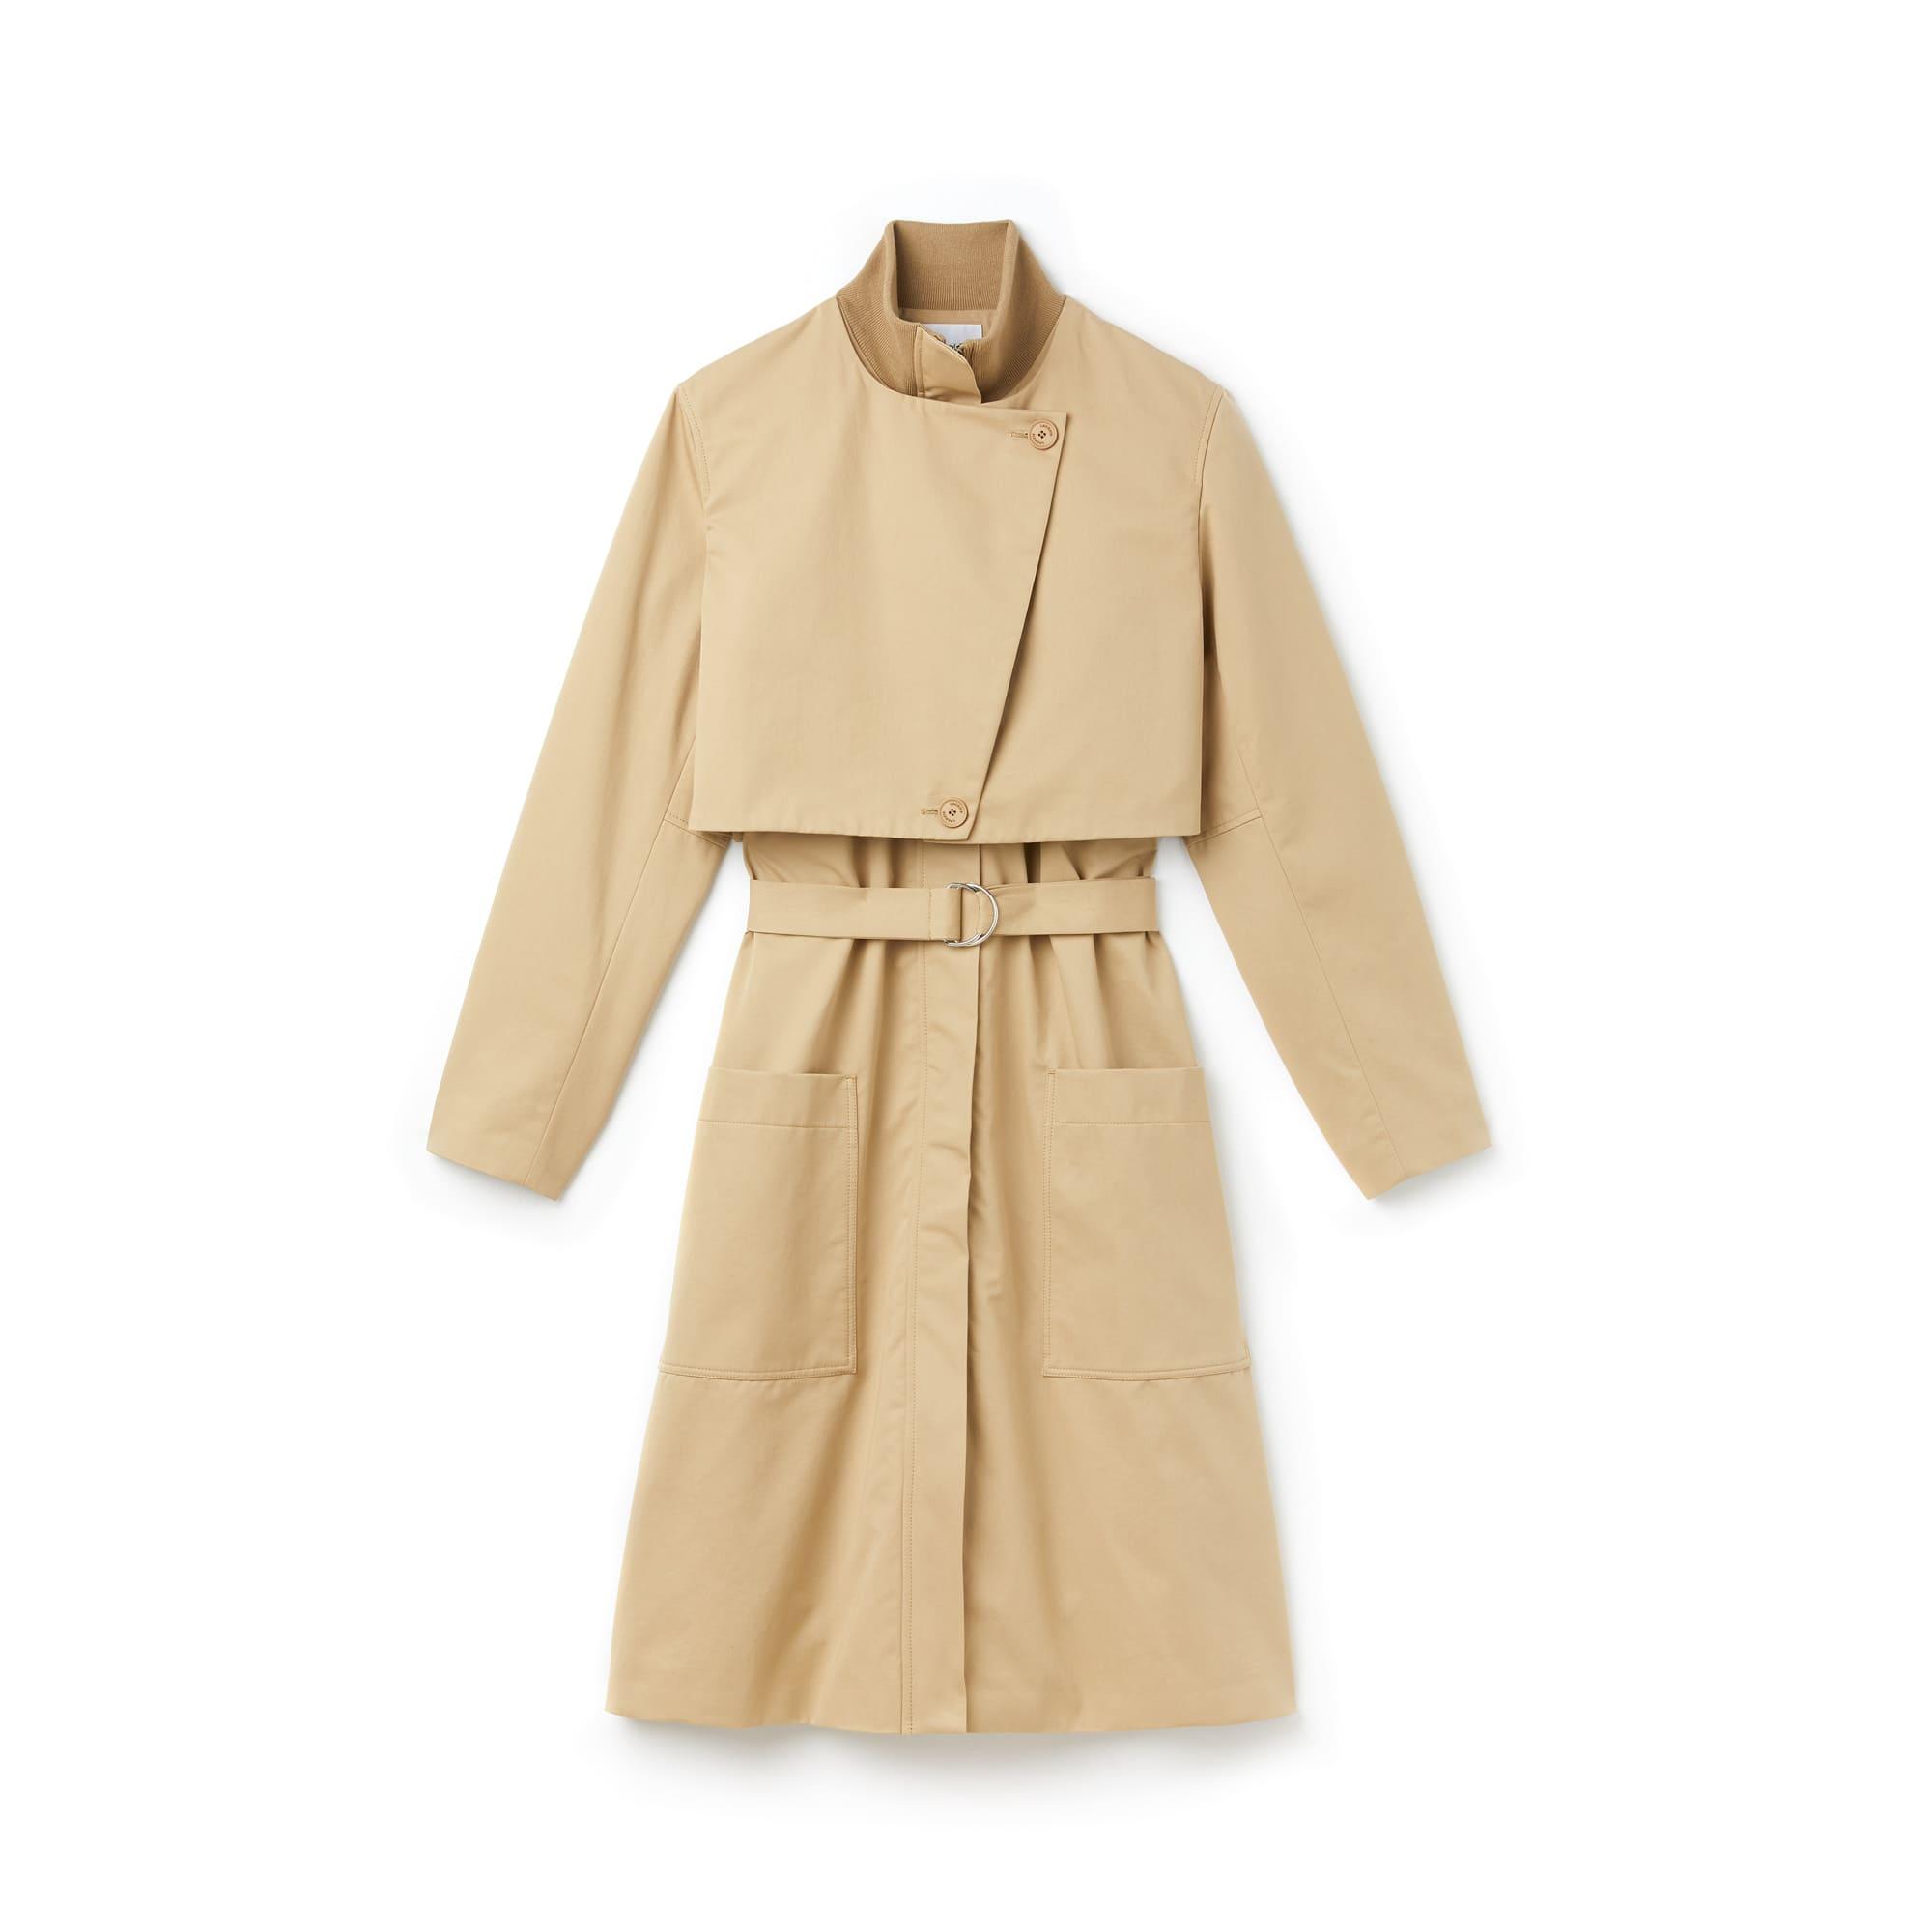 Trench-coat long à rabats ceinturé en twill de coton uni